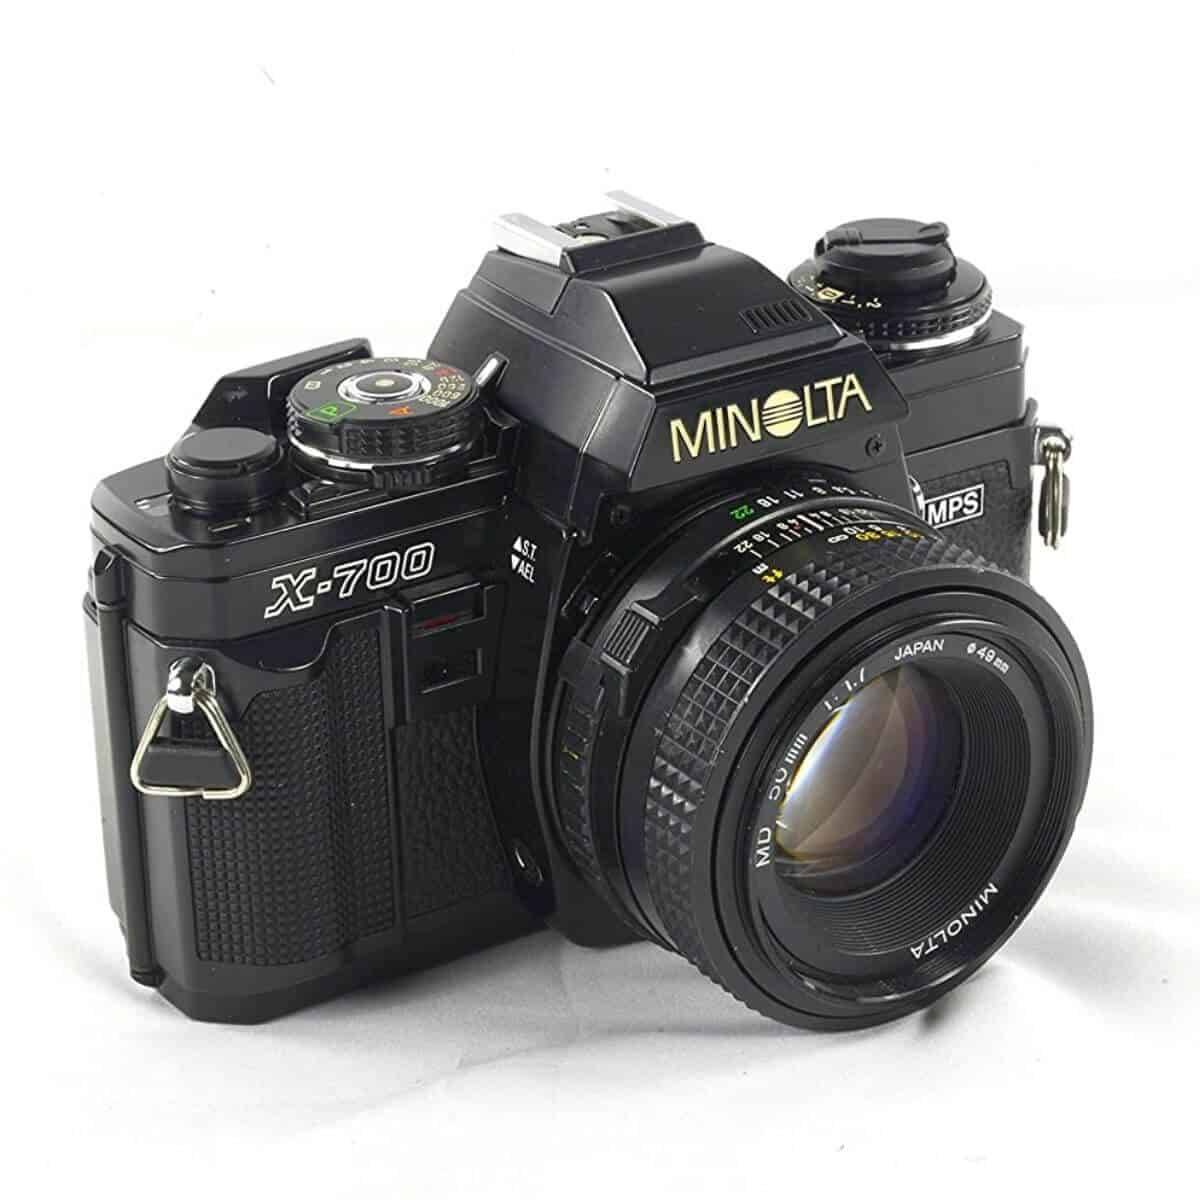 Minolta X-700 film camera.